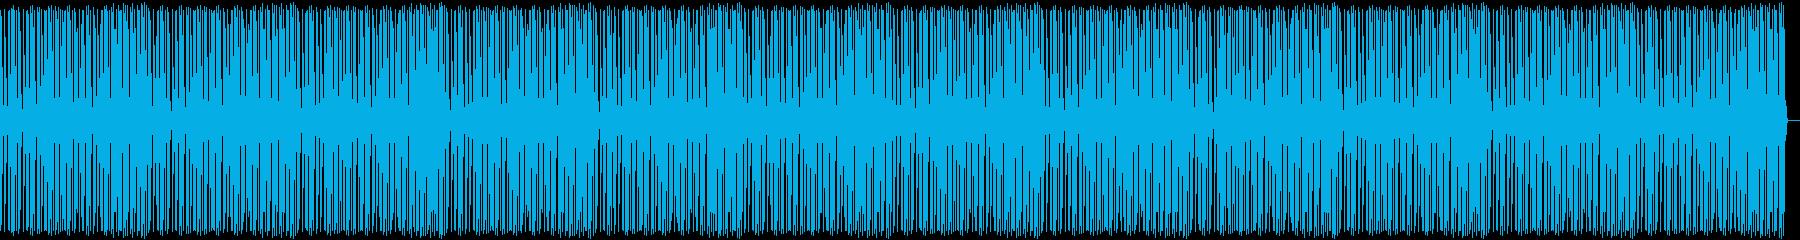 ポンポンポンビートの再生済みの波形